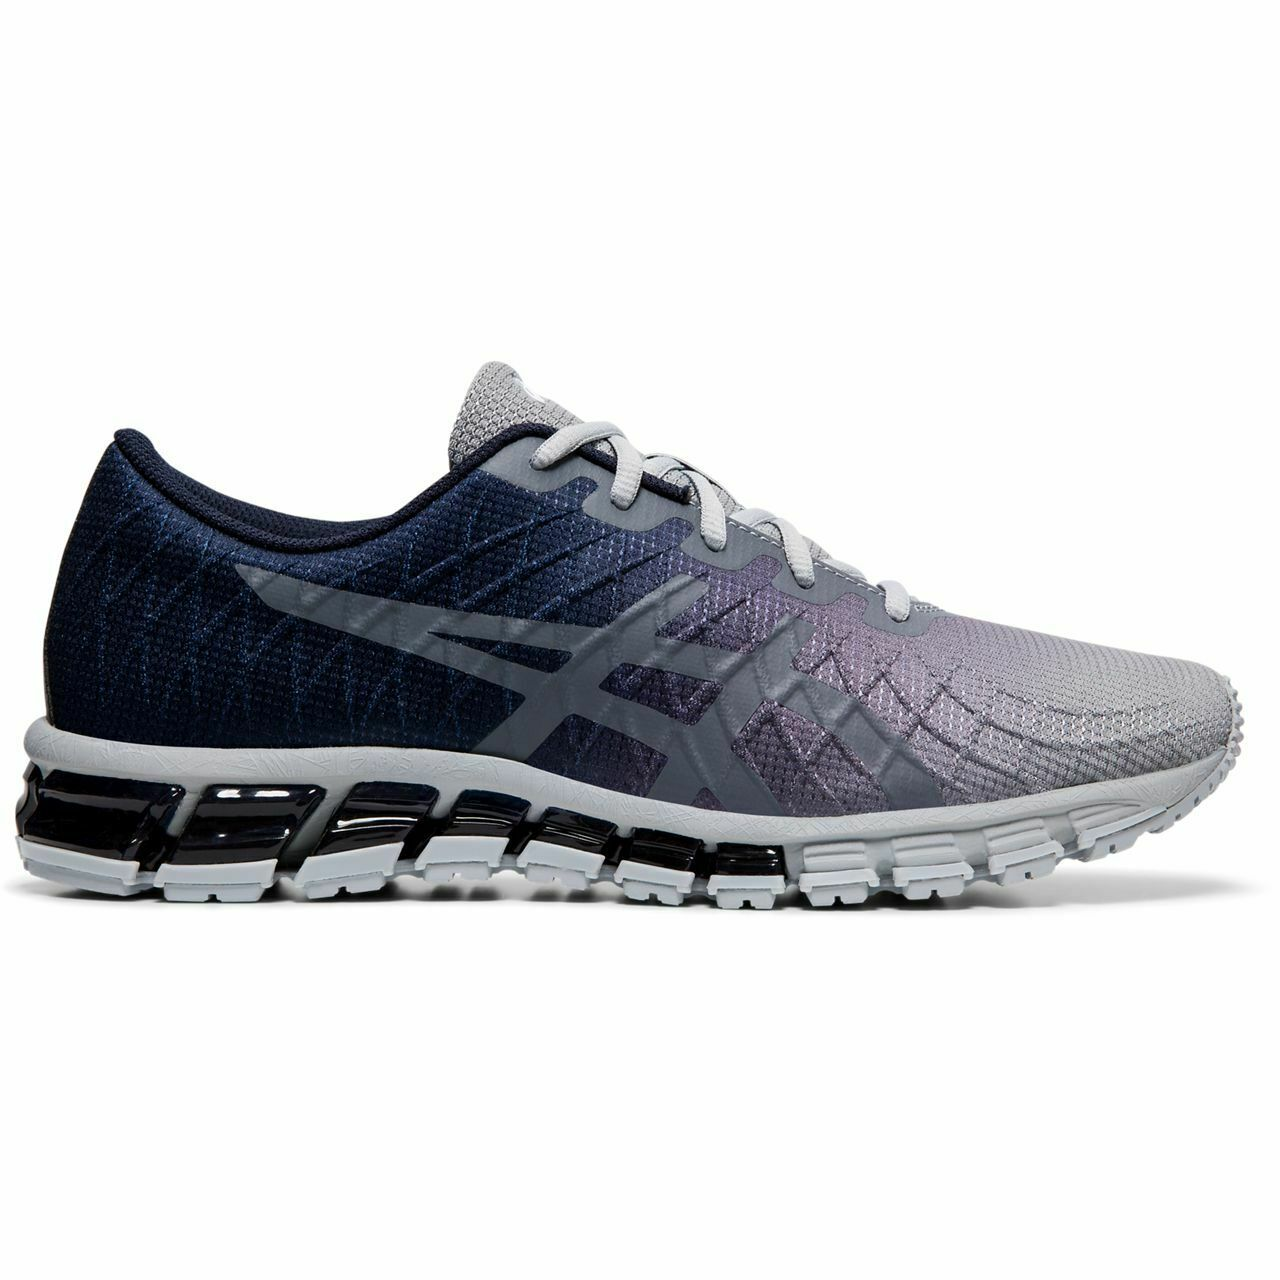 Asics 1021A104 024 Gel Quantum 180 4 St Rock Piémont gris homme chaussures de course